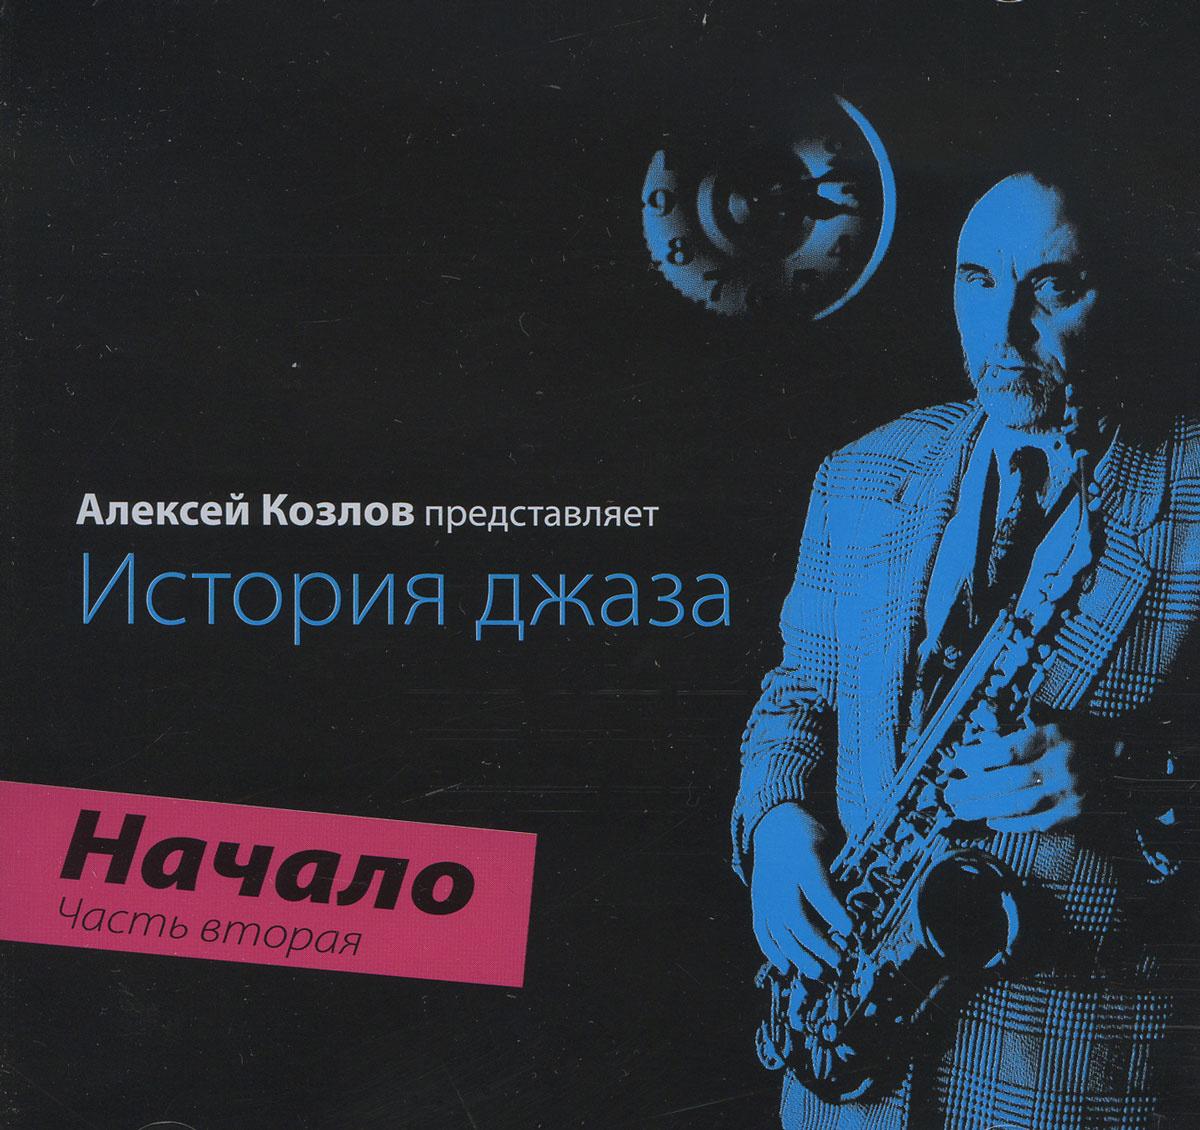 Алексей Козлов. История джаза. Начало. Часть вторая #1